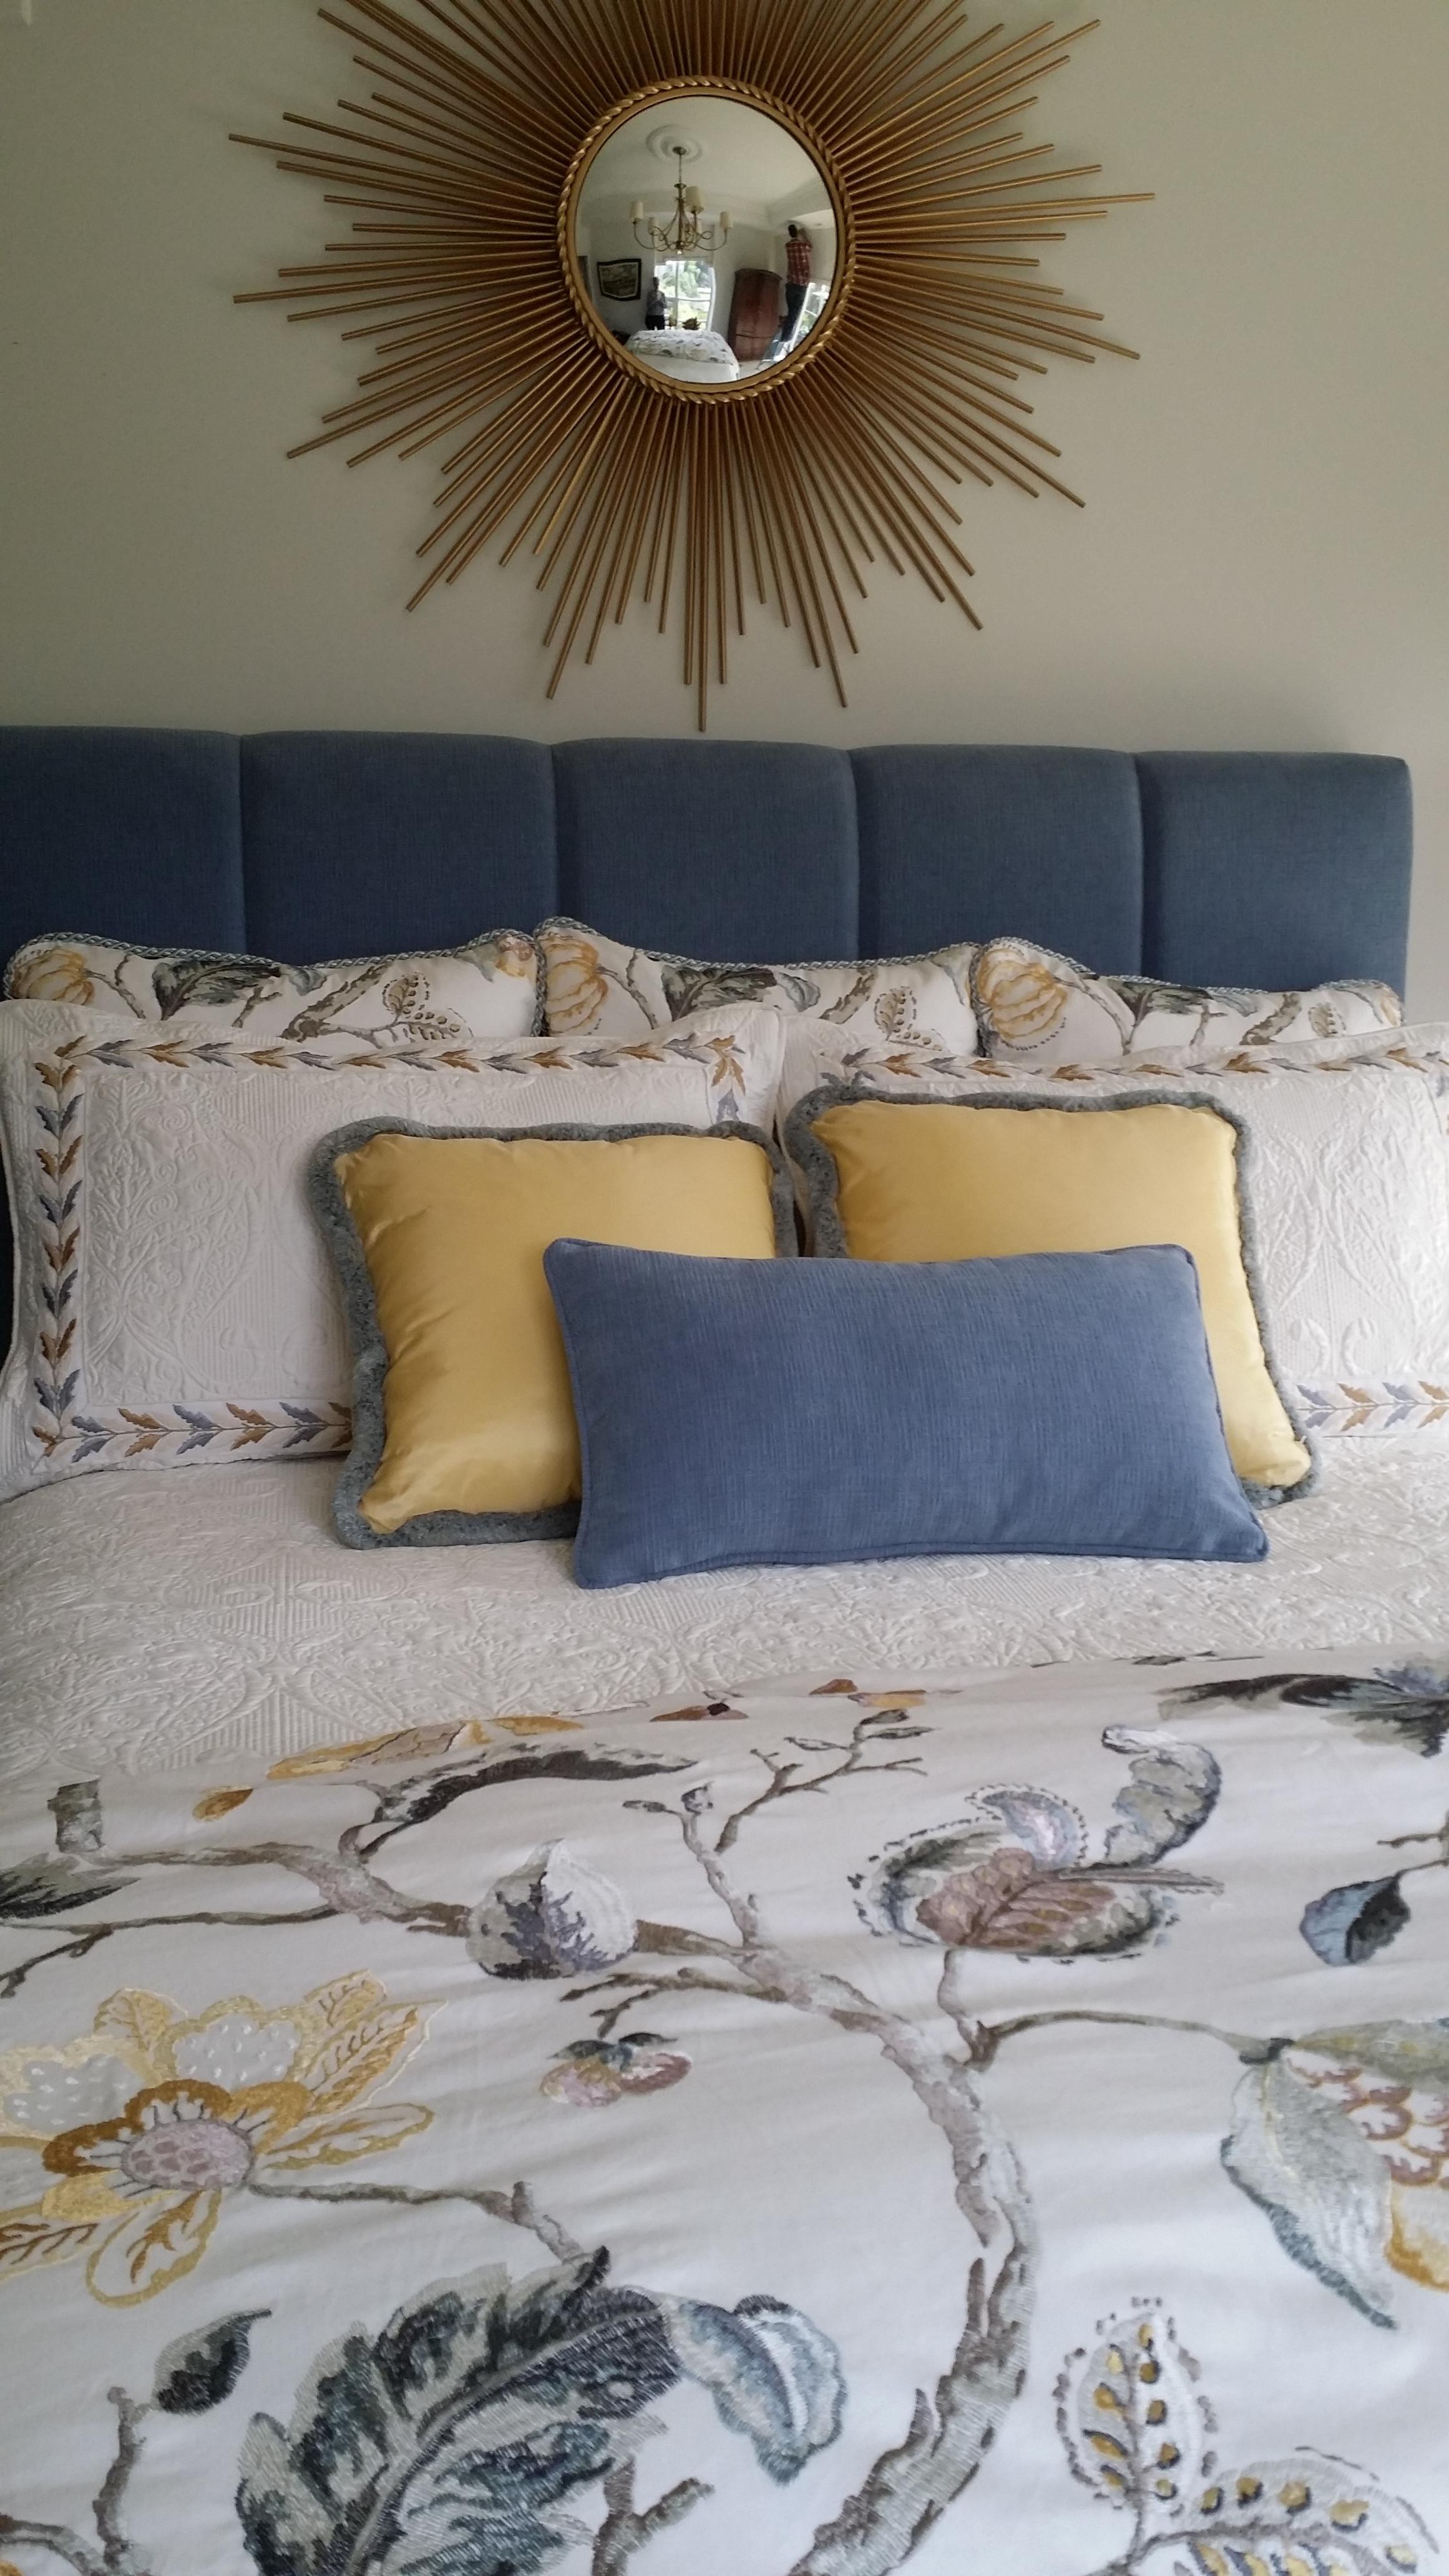 bedding1.jpg